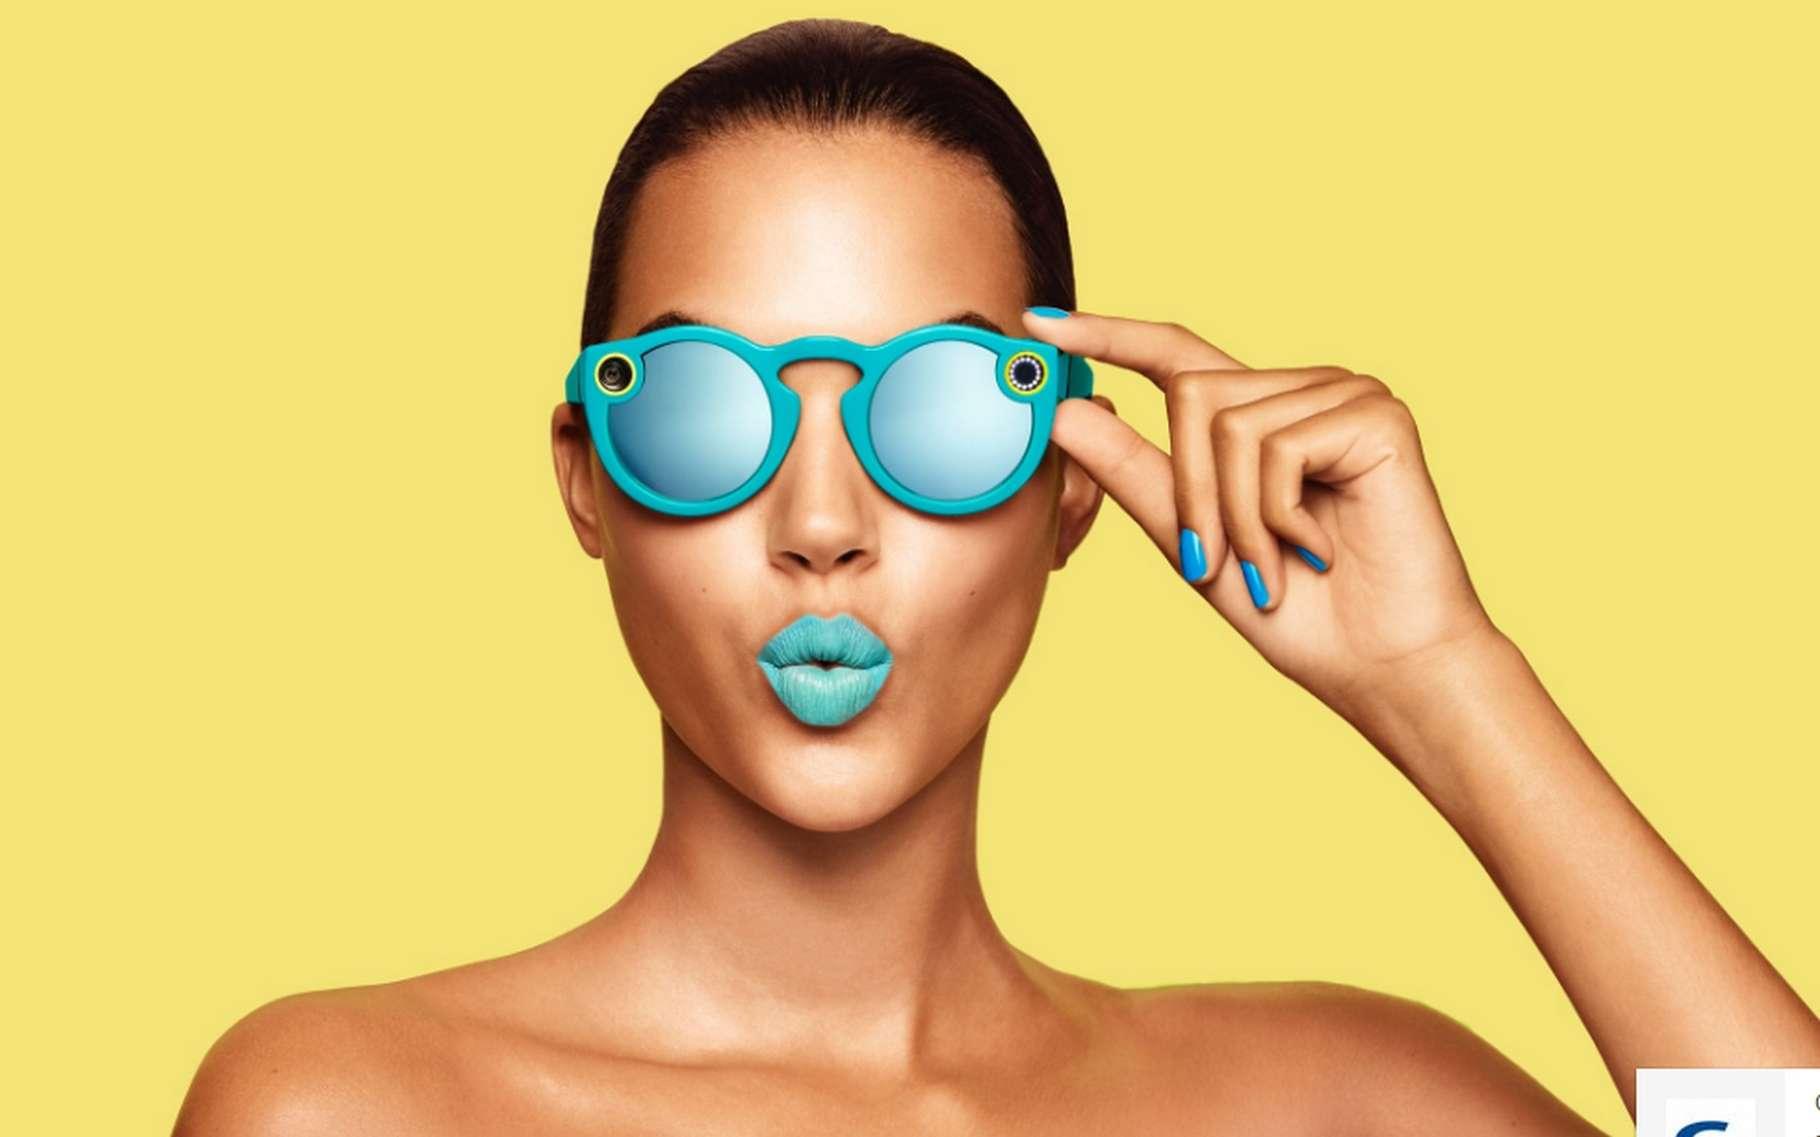 Les lunettes de soleil Spectacles de Snapchat sont disponibles en trois coloris. Elles se rechargent lorsqu'elles sont rangées dans leur étui. © Snap Inc.